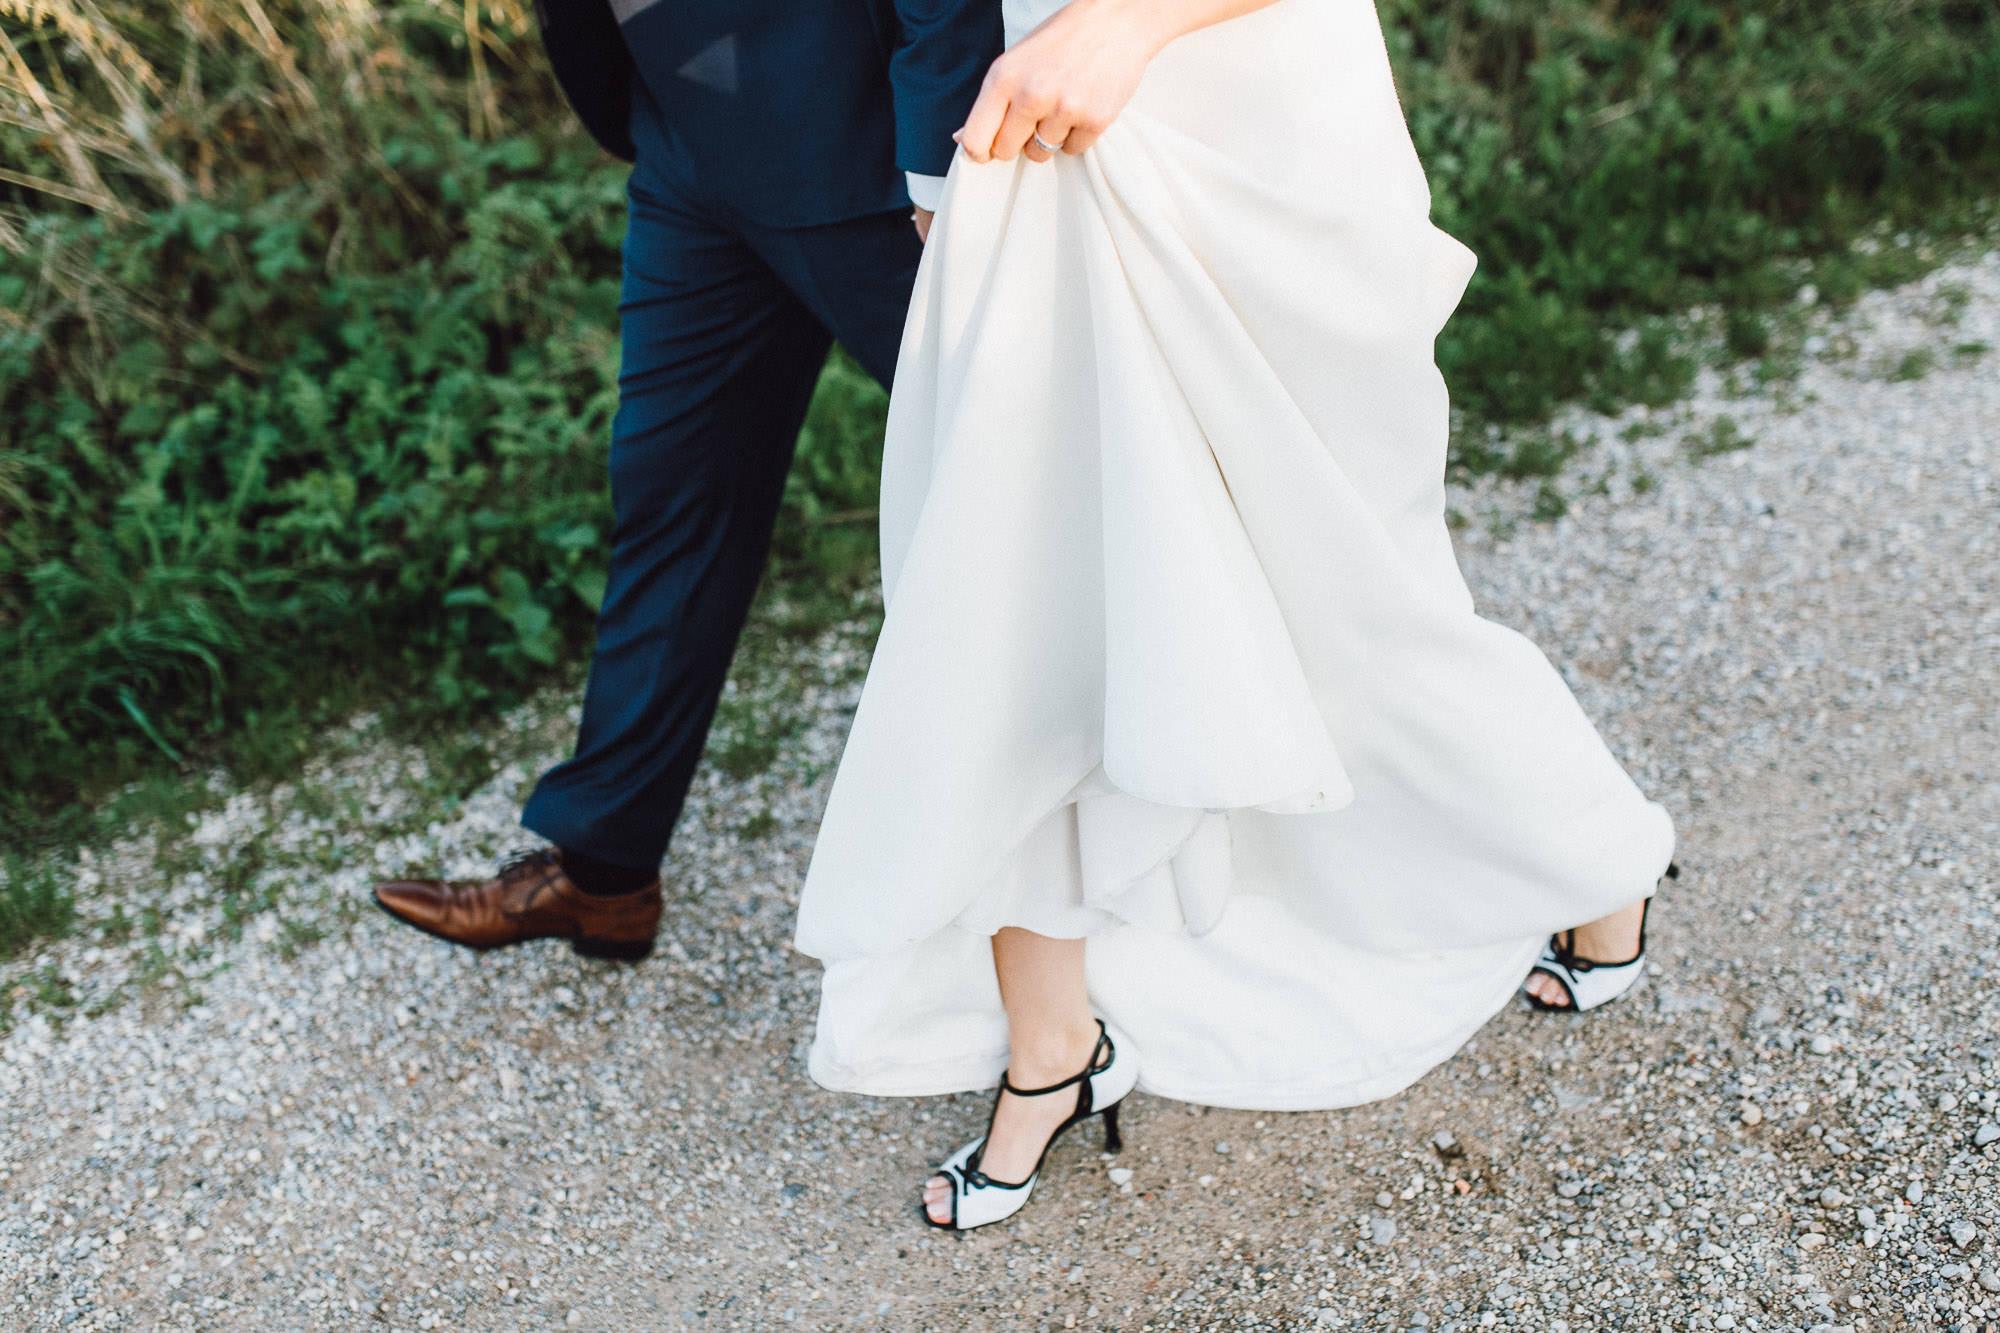 greenery-wedding-hochzeit-prielhof-sukkulenten-scheyern-lauraelenaphotography-088